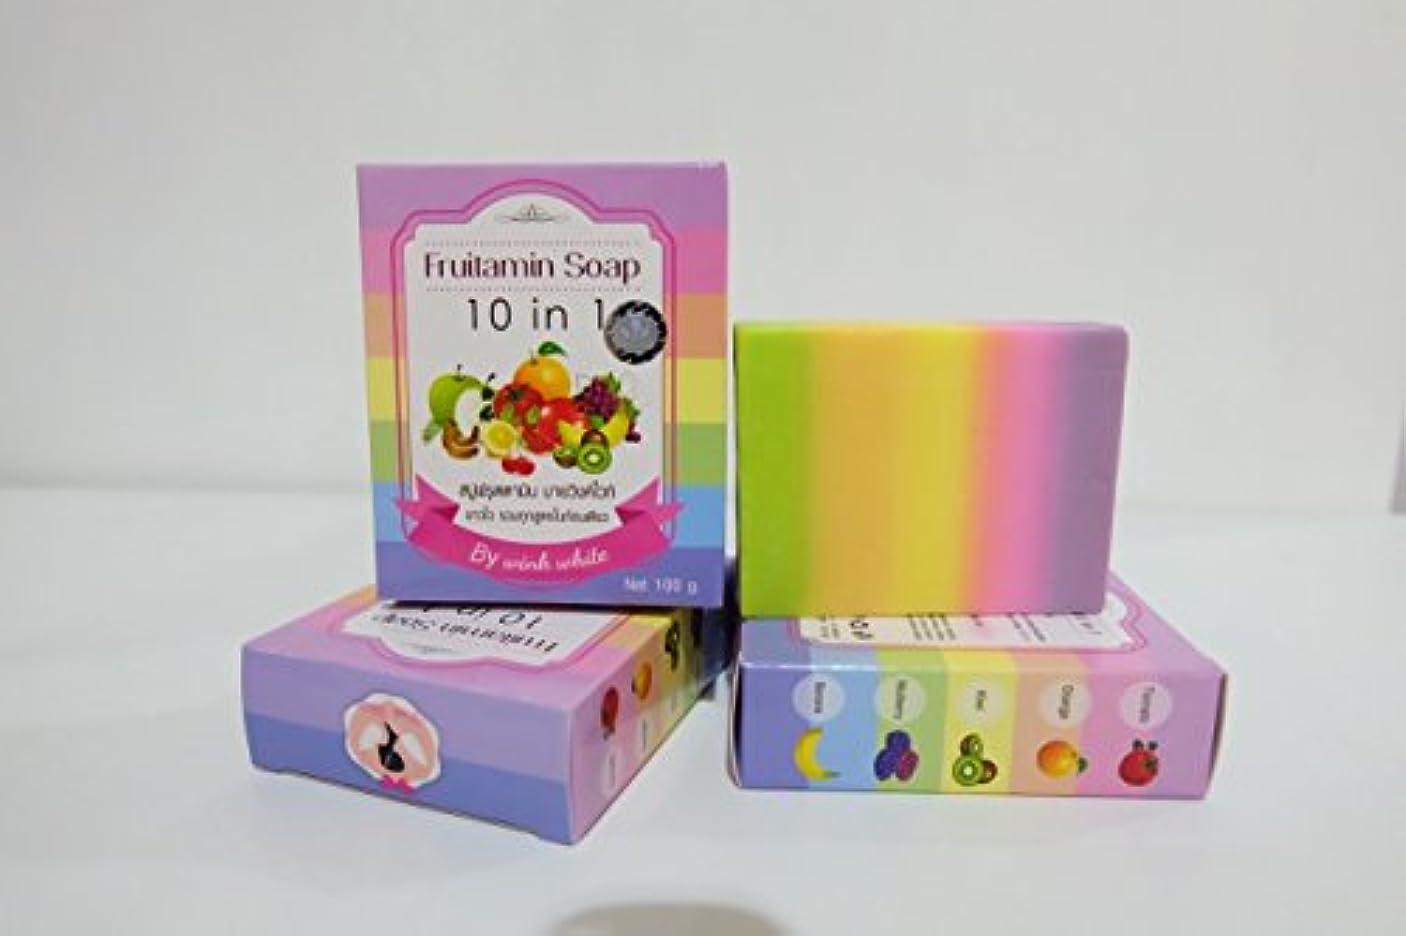 負にじみ出る低いFRUITAMIN SOAP 10 IN 1 soap jelly cubes single vitamins park headlights course. Whitening Soap. 100 g. Free Shipping.